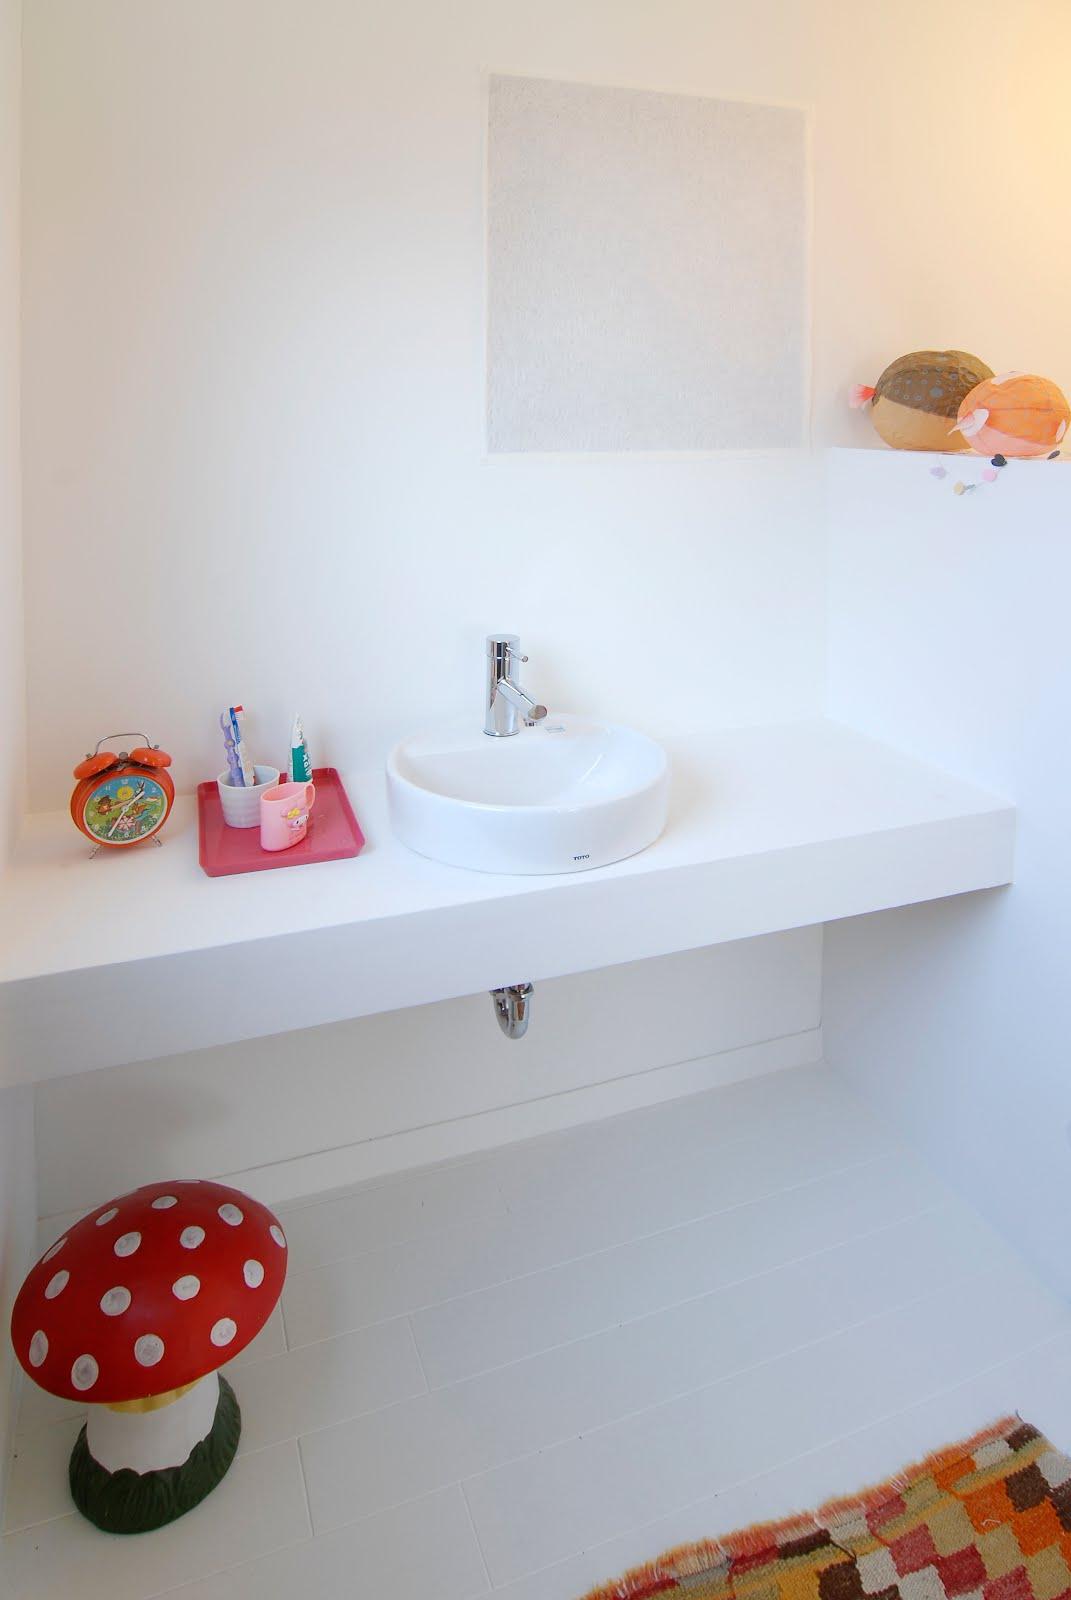 Baños Linea Infantil:baño de los niños sigue la línea sencilla del dormitorio infantil